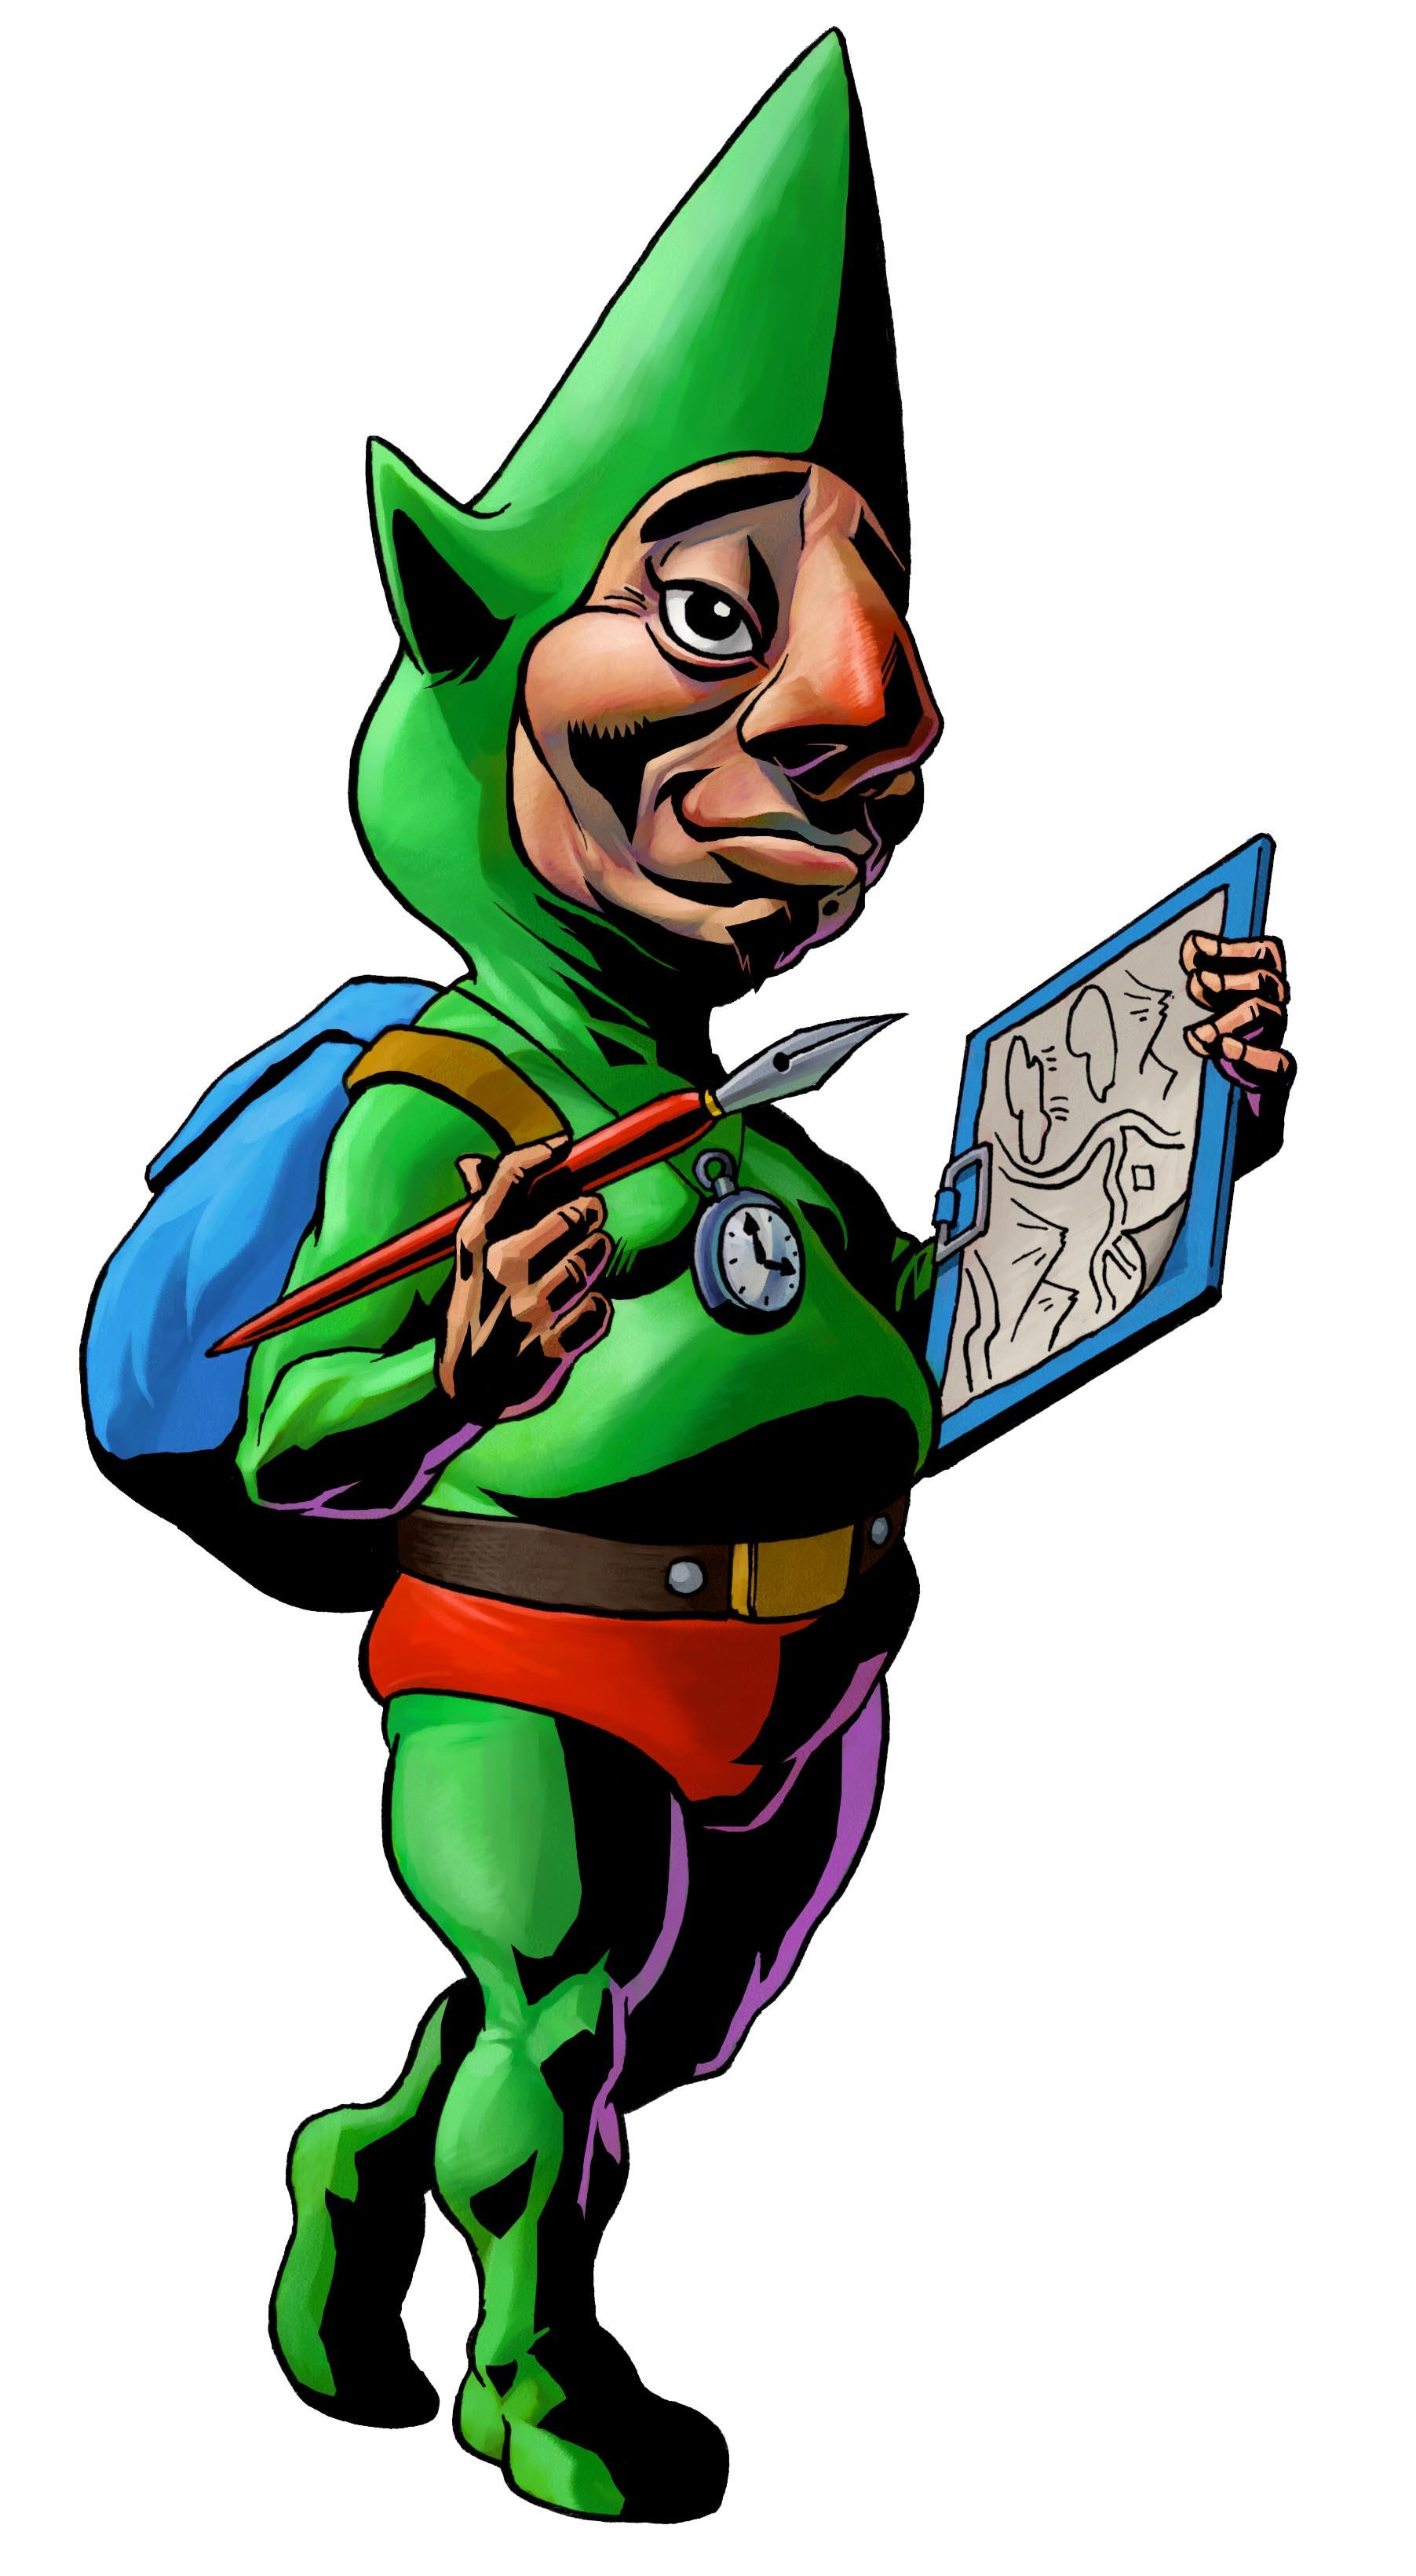 The Legend of Zelda Majora's Mask 3D 14-01-15 020